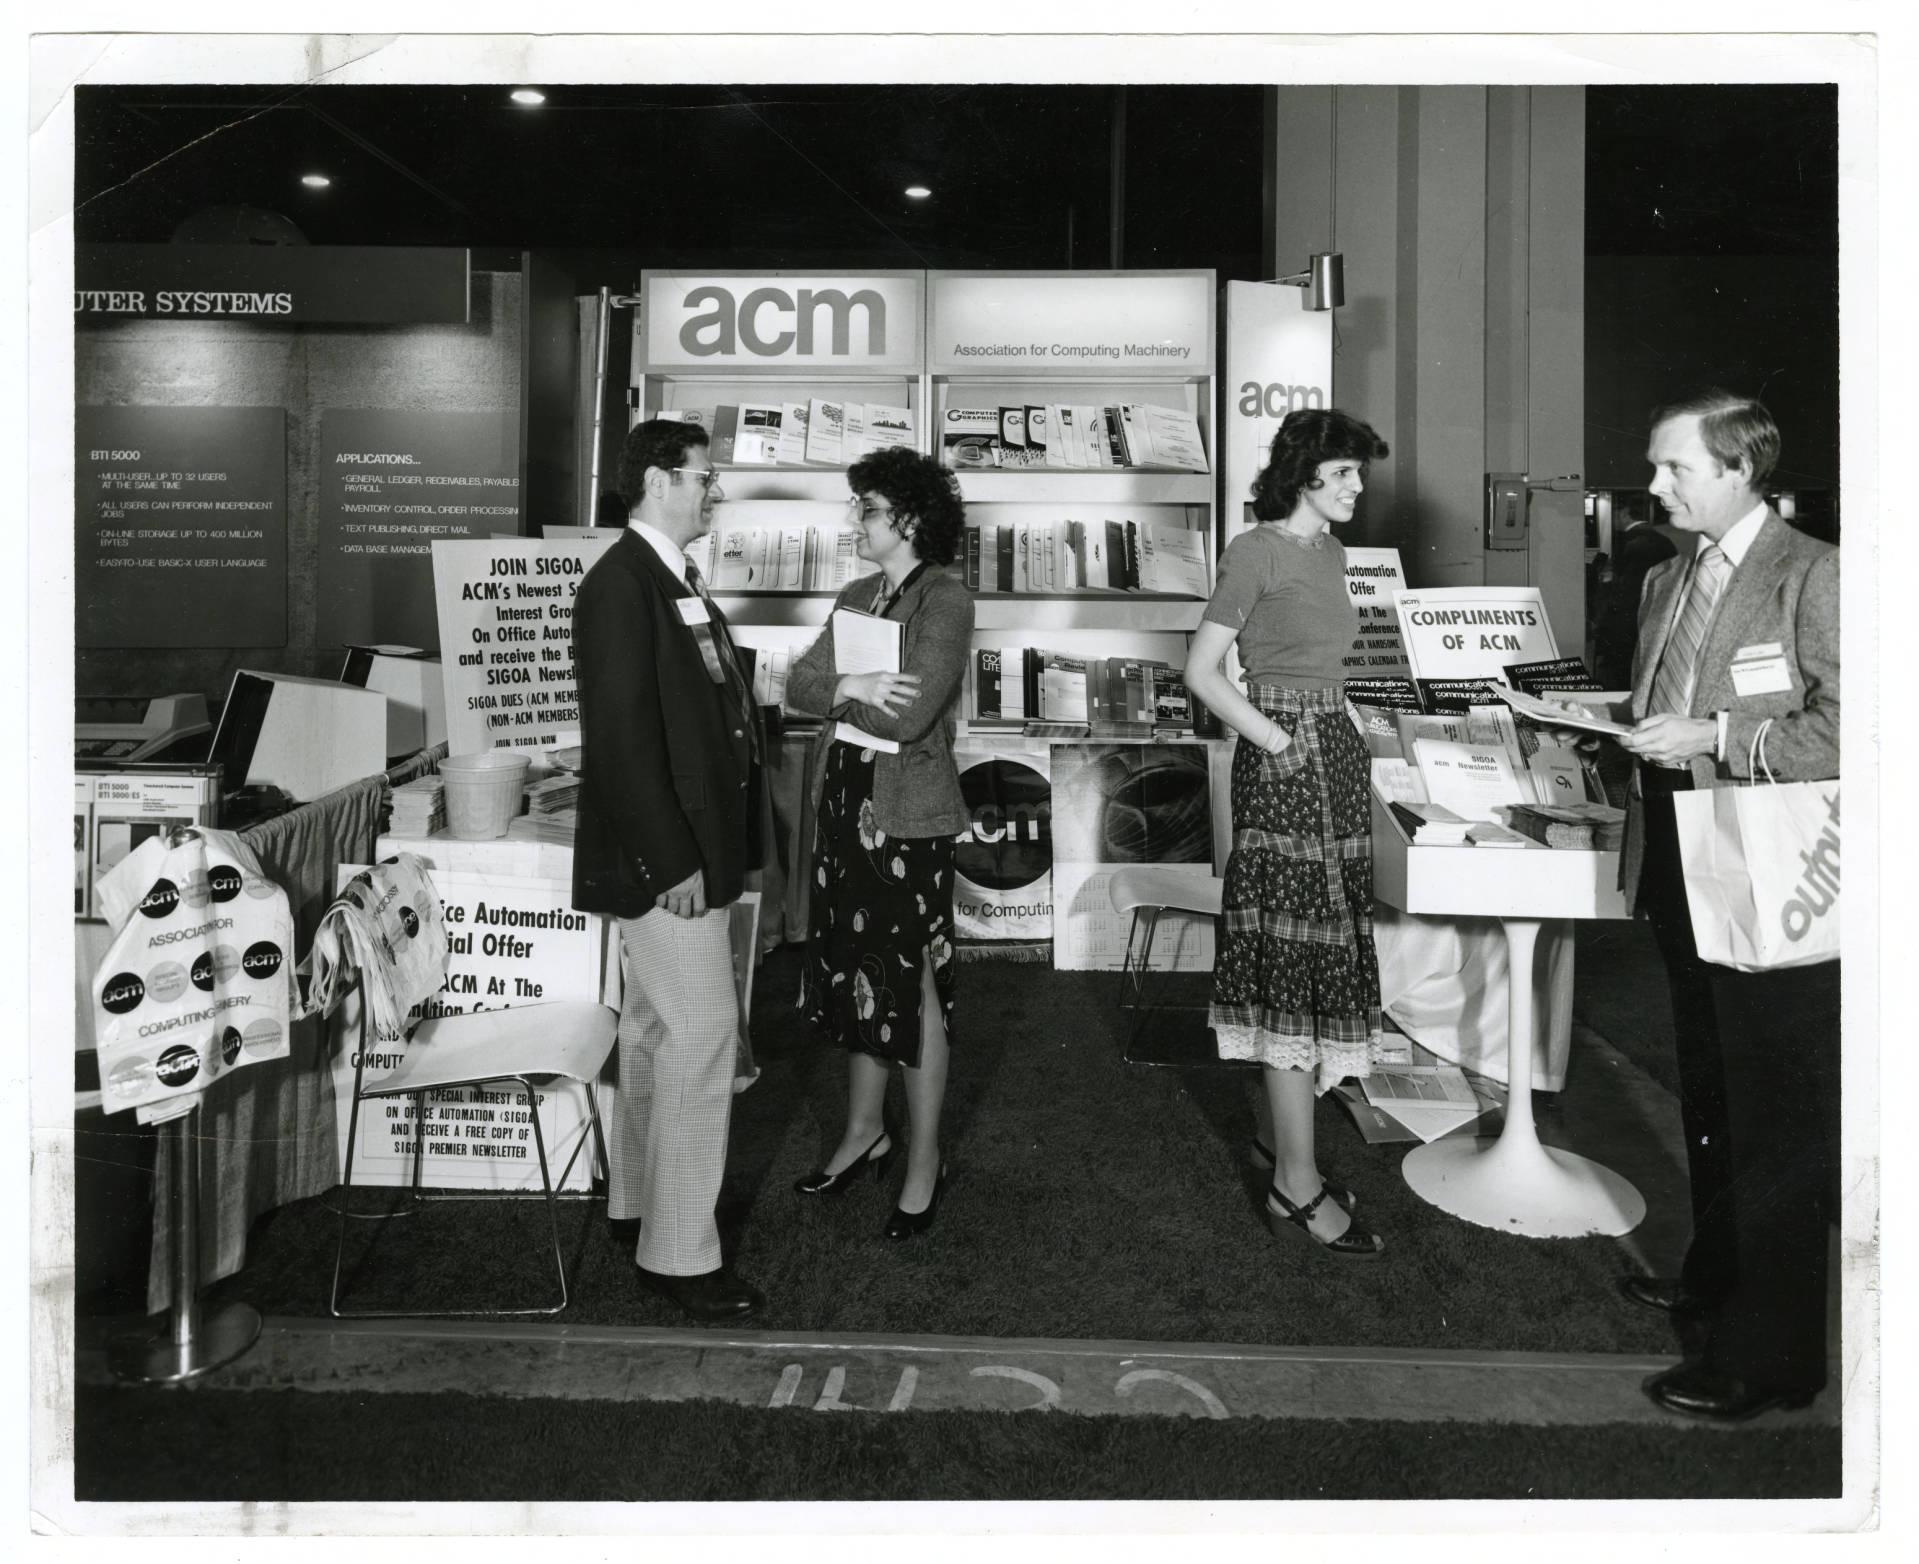 Imagem preto e branco que descreve pessoas conversando em uma Cabine de produtos da ACM em 1978